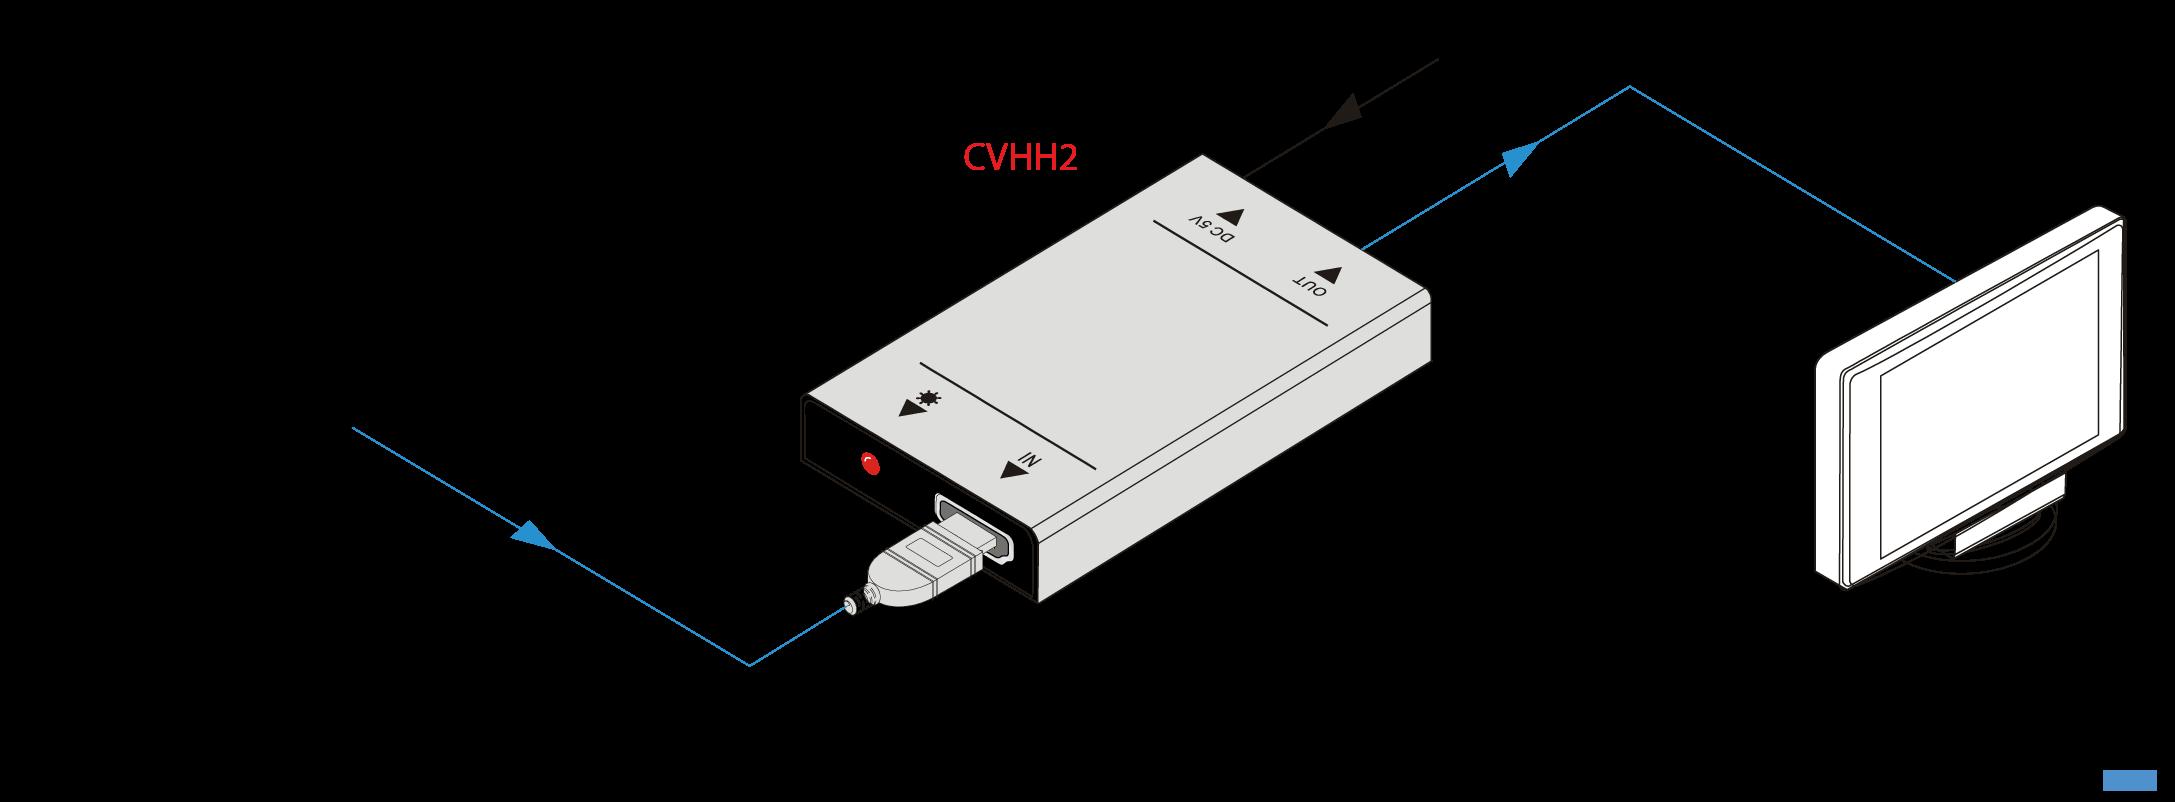 CVHH2 | Convertisseur HDMI HDCP